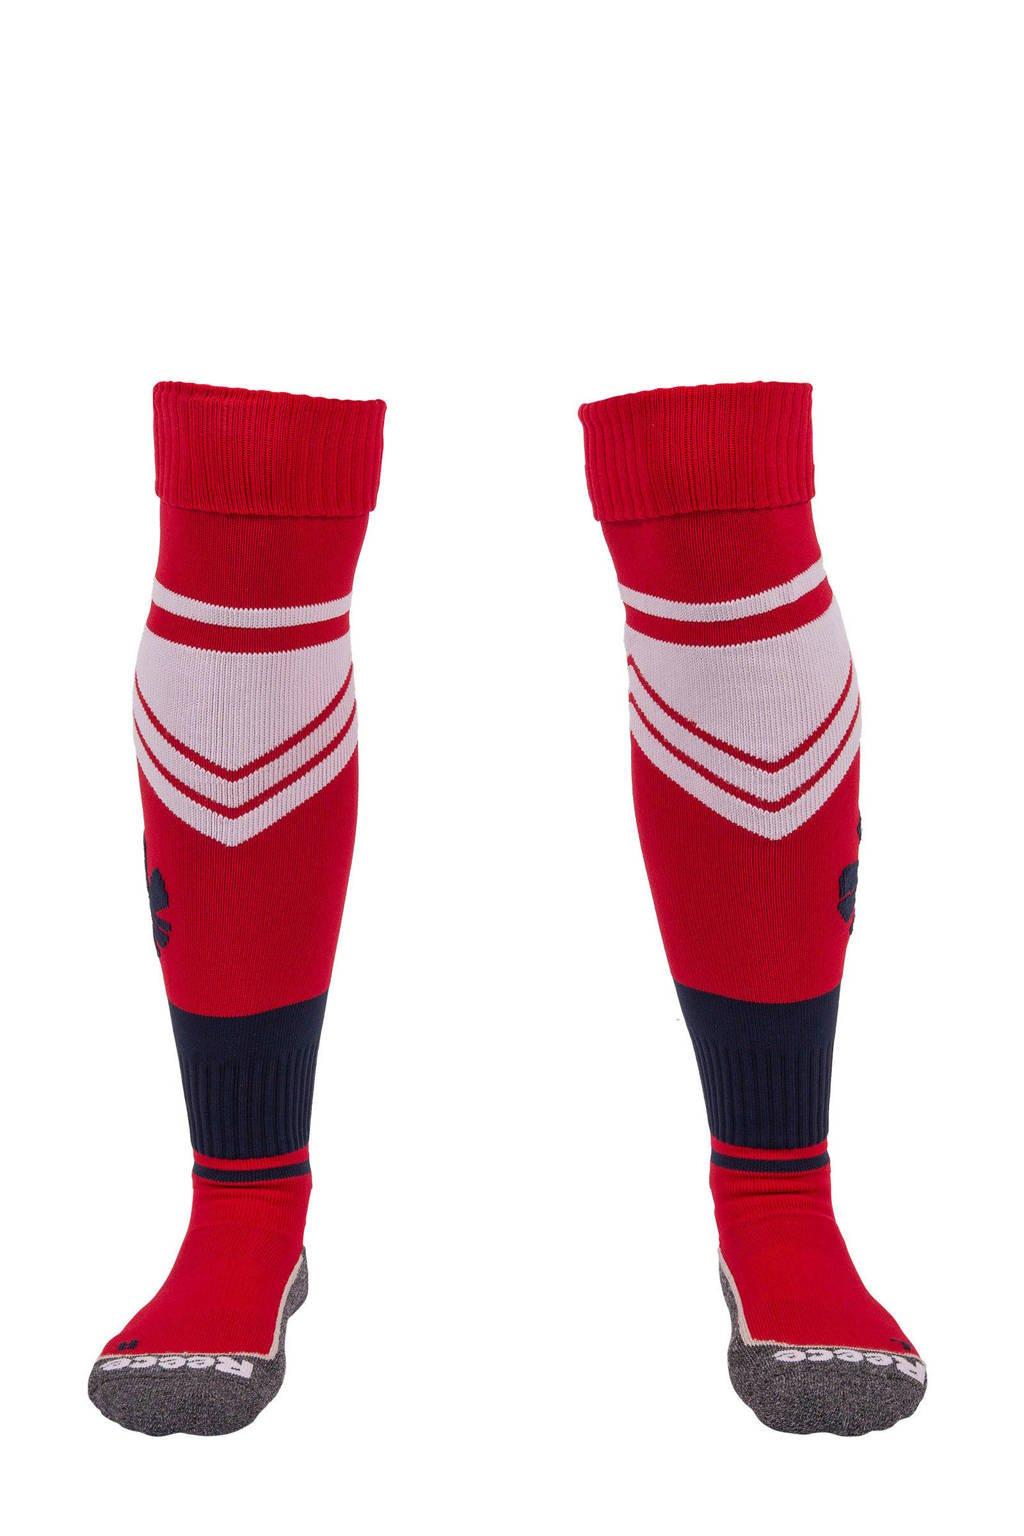 Reece   sportsokken Glenden rood, Rood/wit/donkerblauw